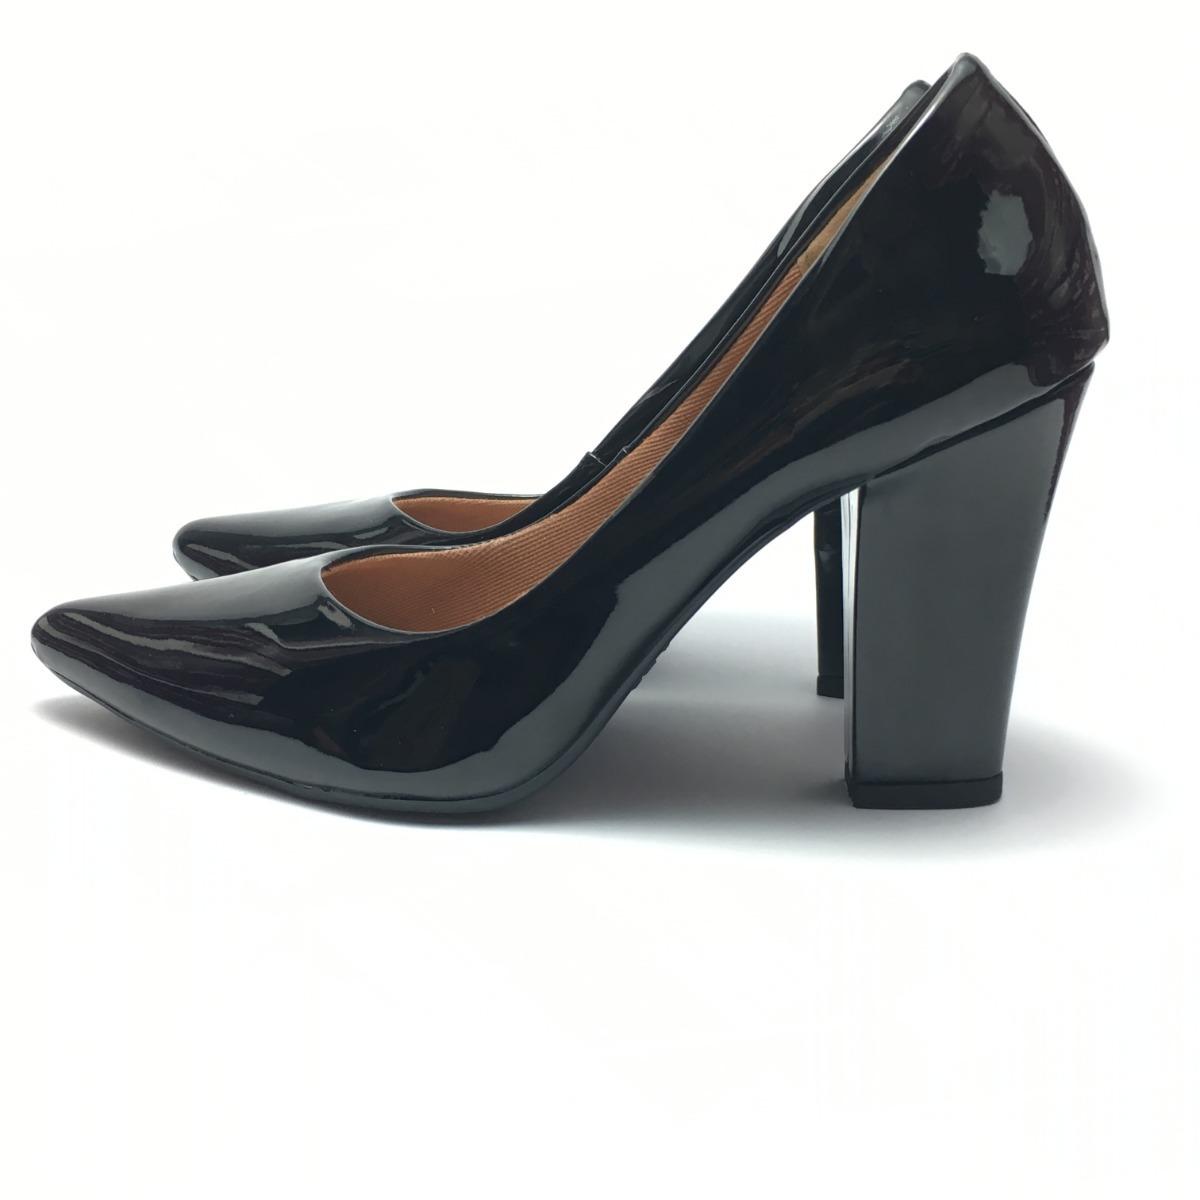 3d83d1f3fb sapato feminino scarpin salto alto grosso 9 cm festa preto. Carregando zoom.